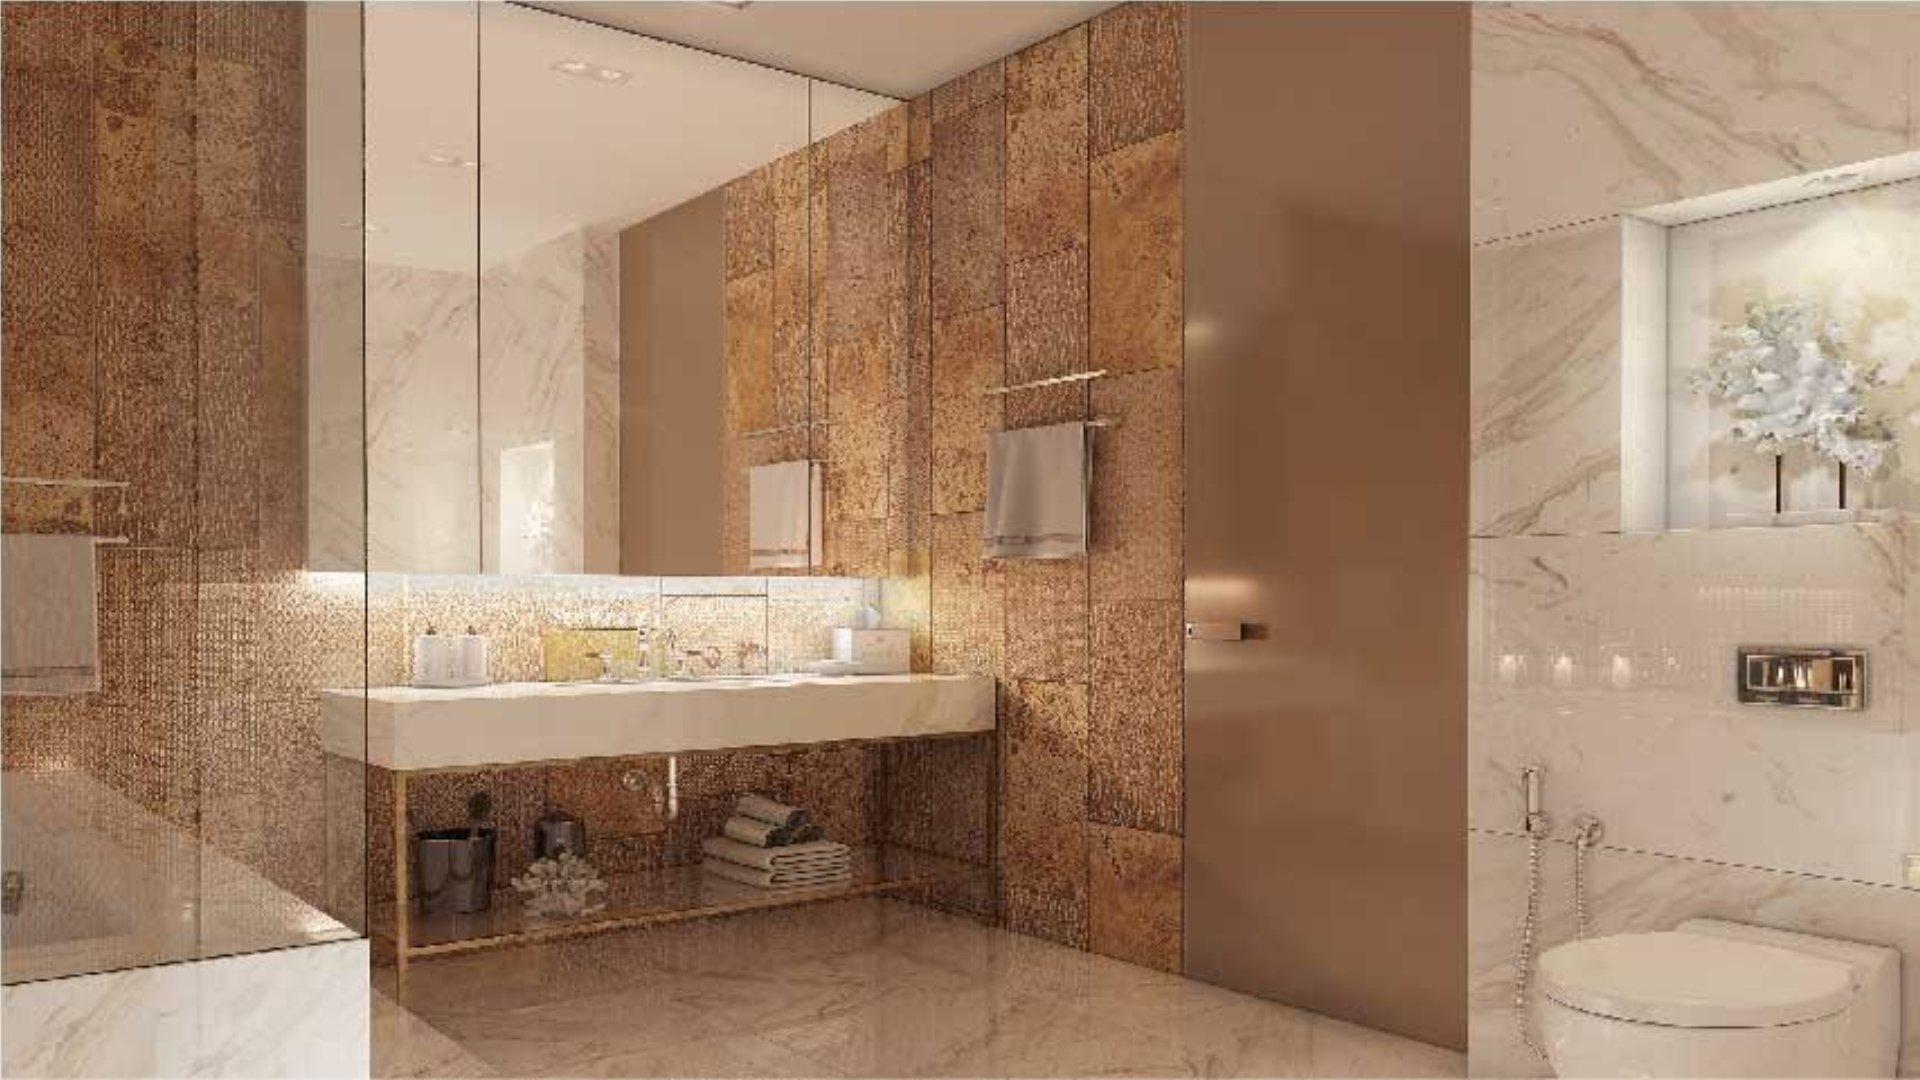 Villa en venta en Dubai, EAU, 3 dormitorios, 187 m2, № 24234 – foto 2